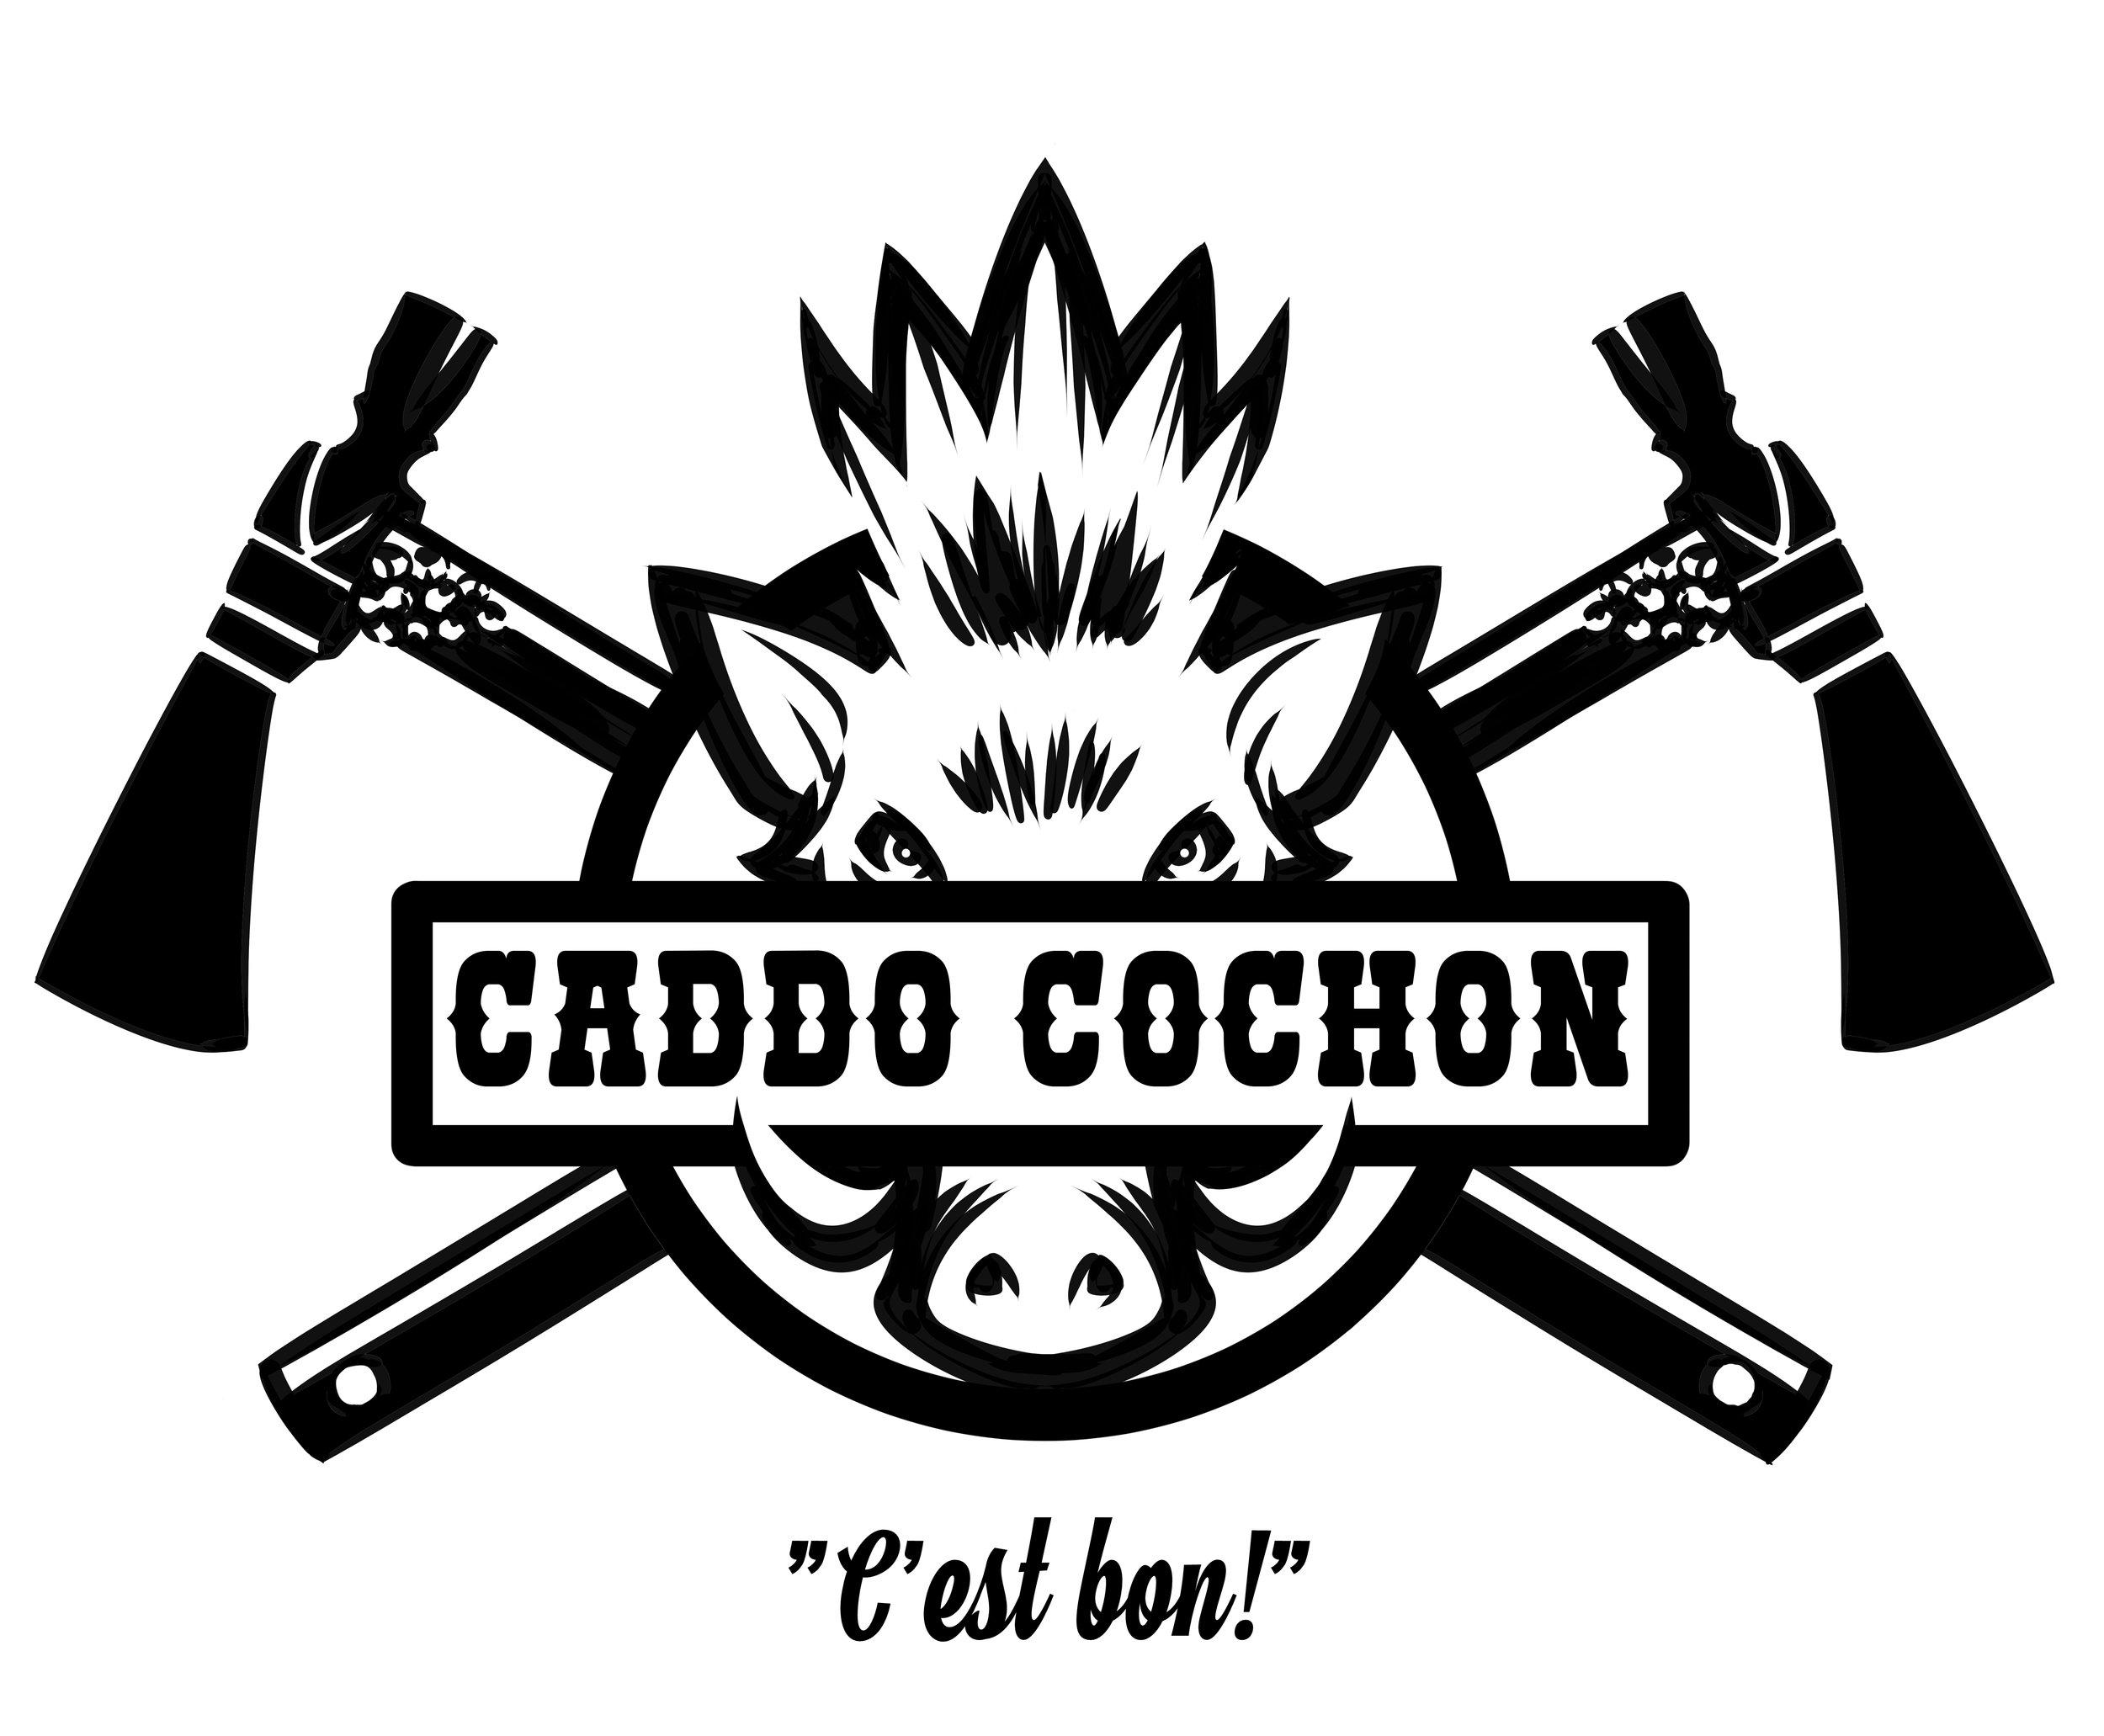 caddo cochon 2 flat.jpg